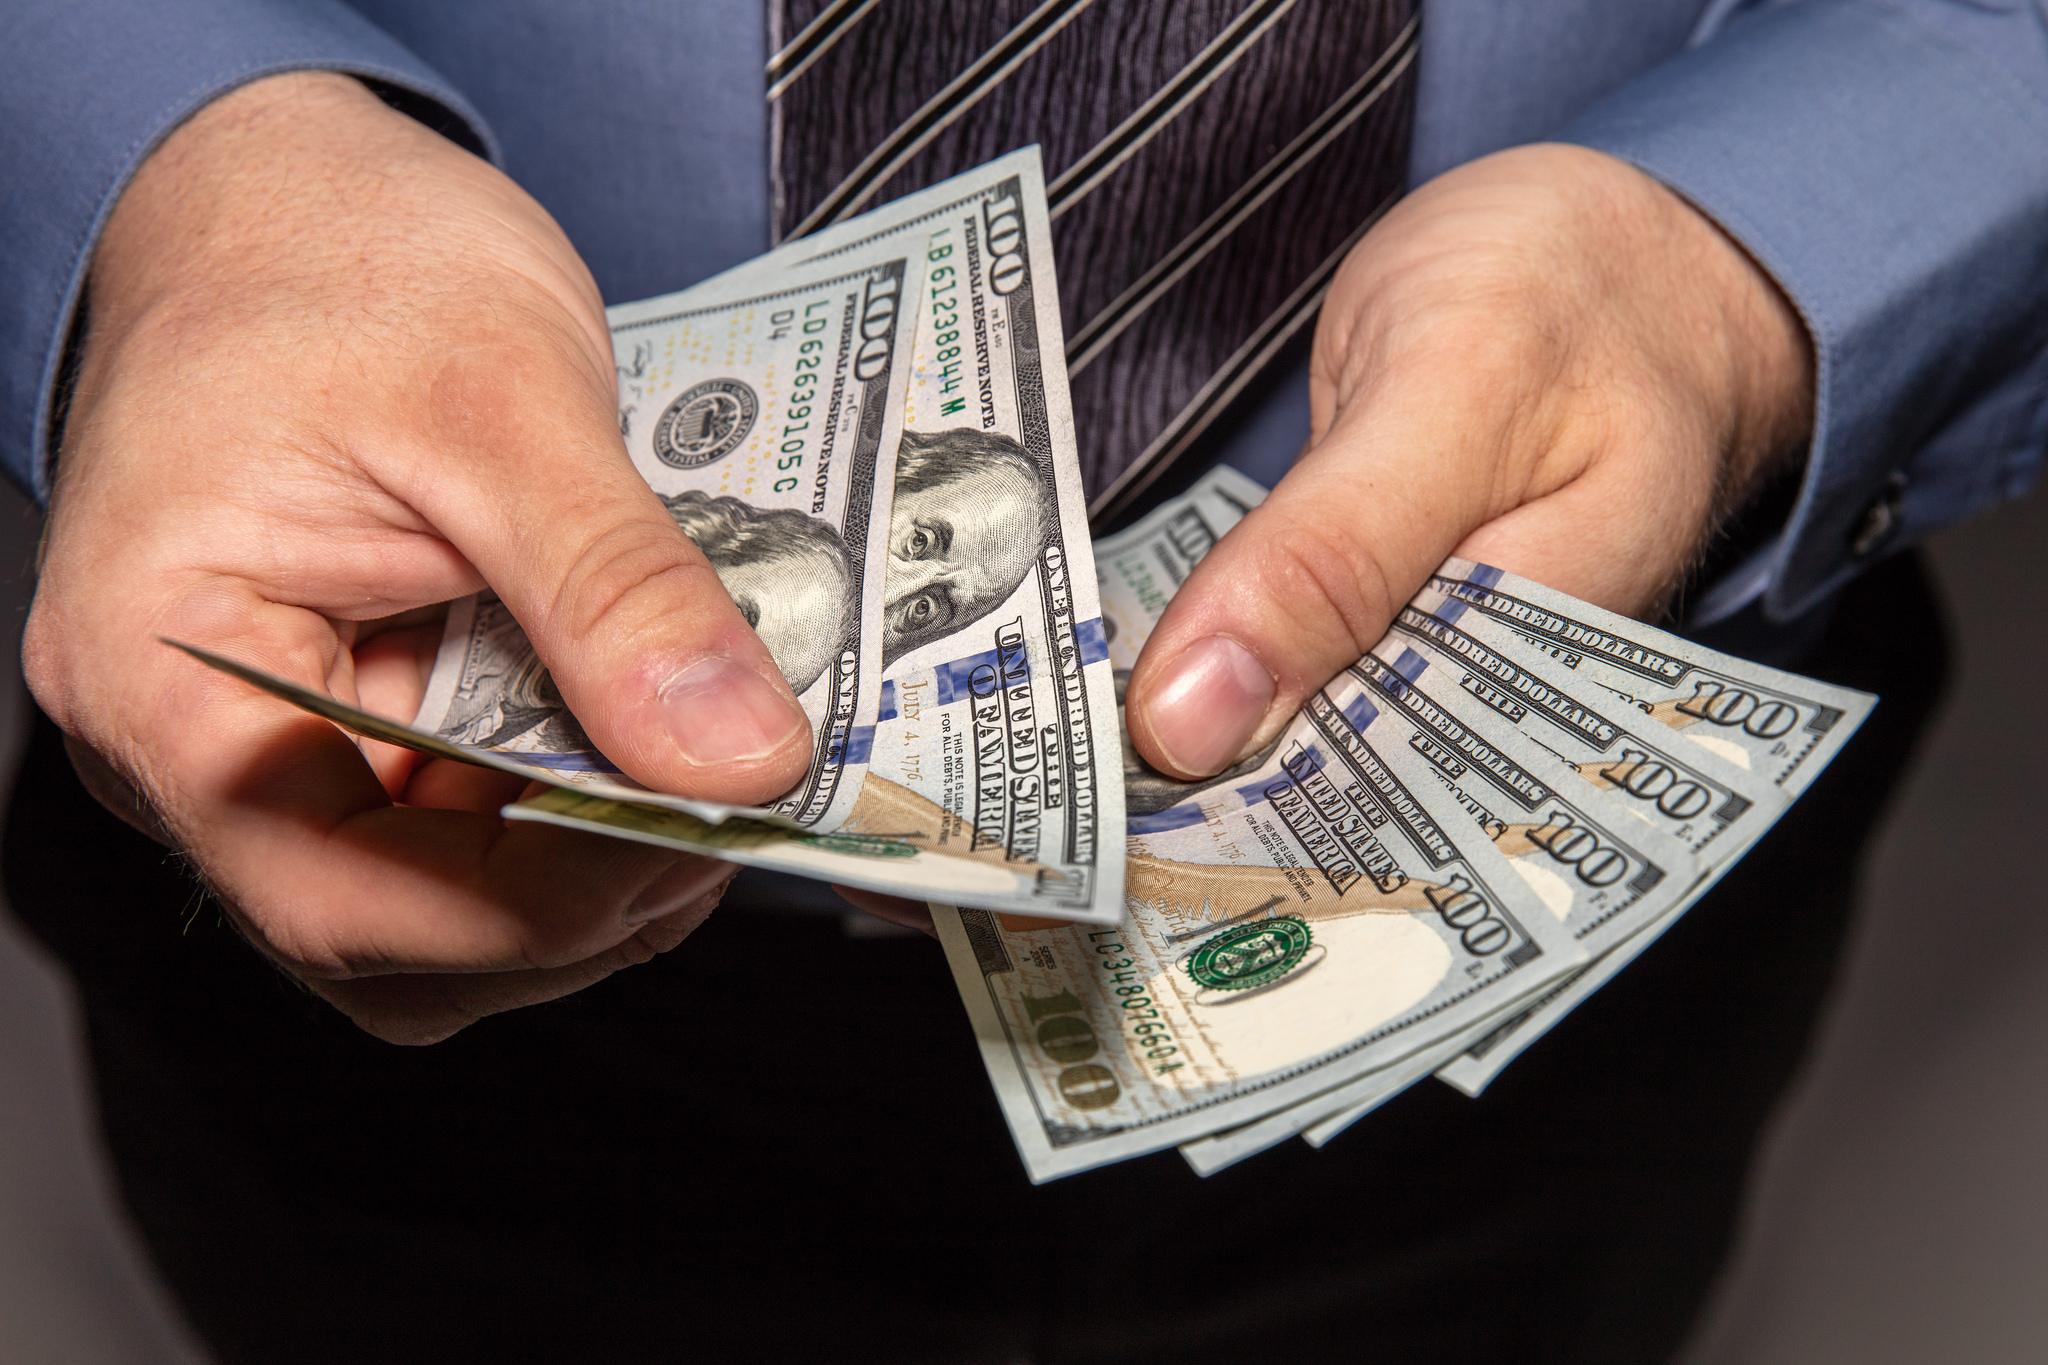 Geld tellen rijk worden